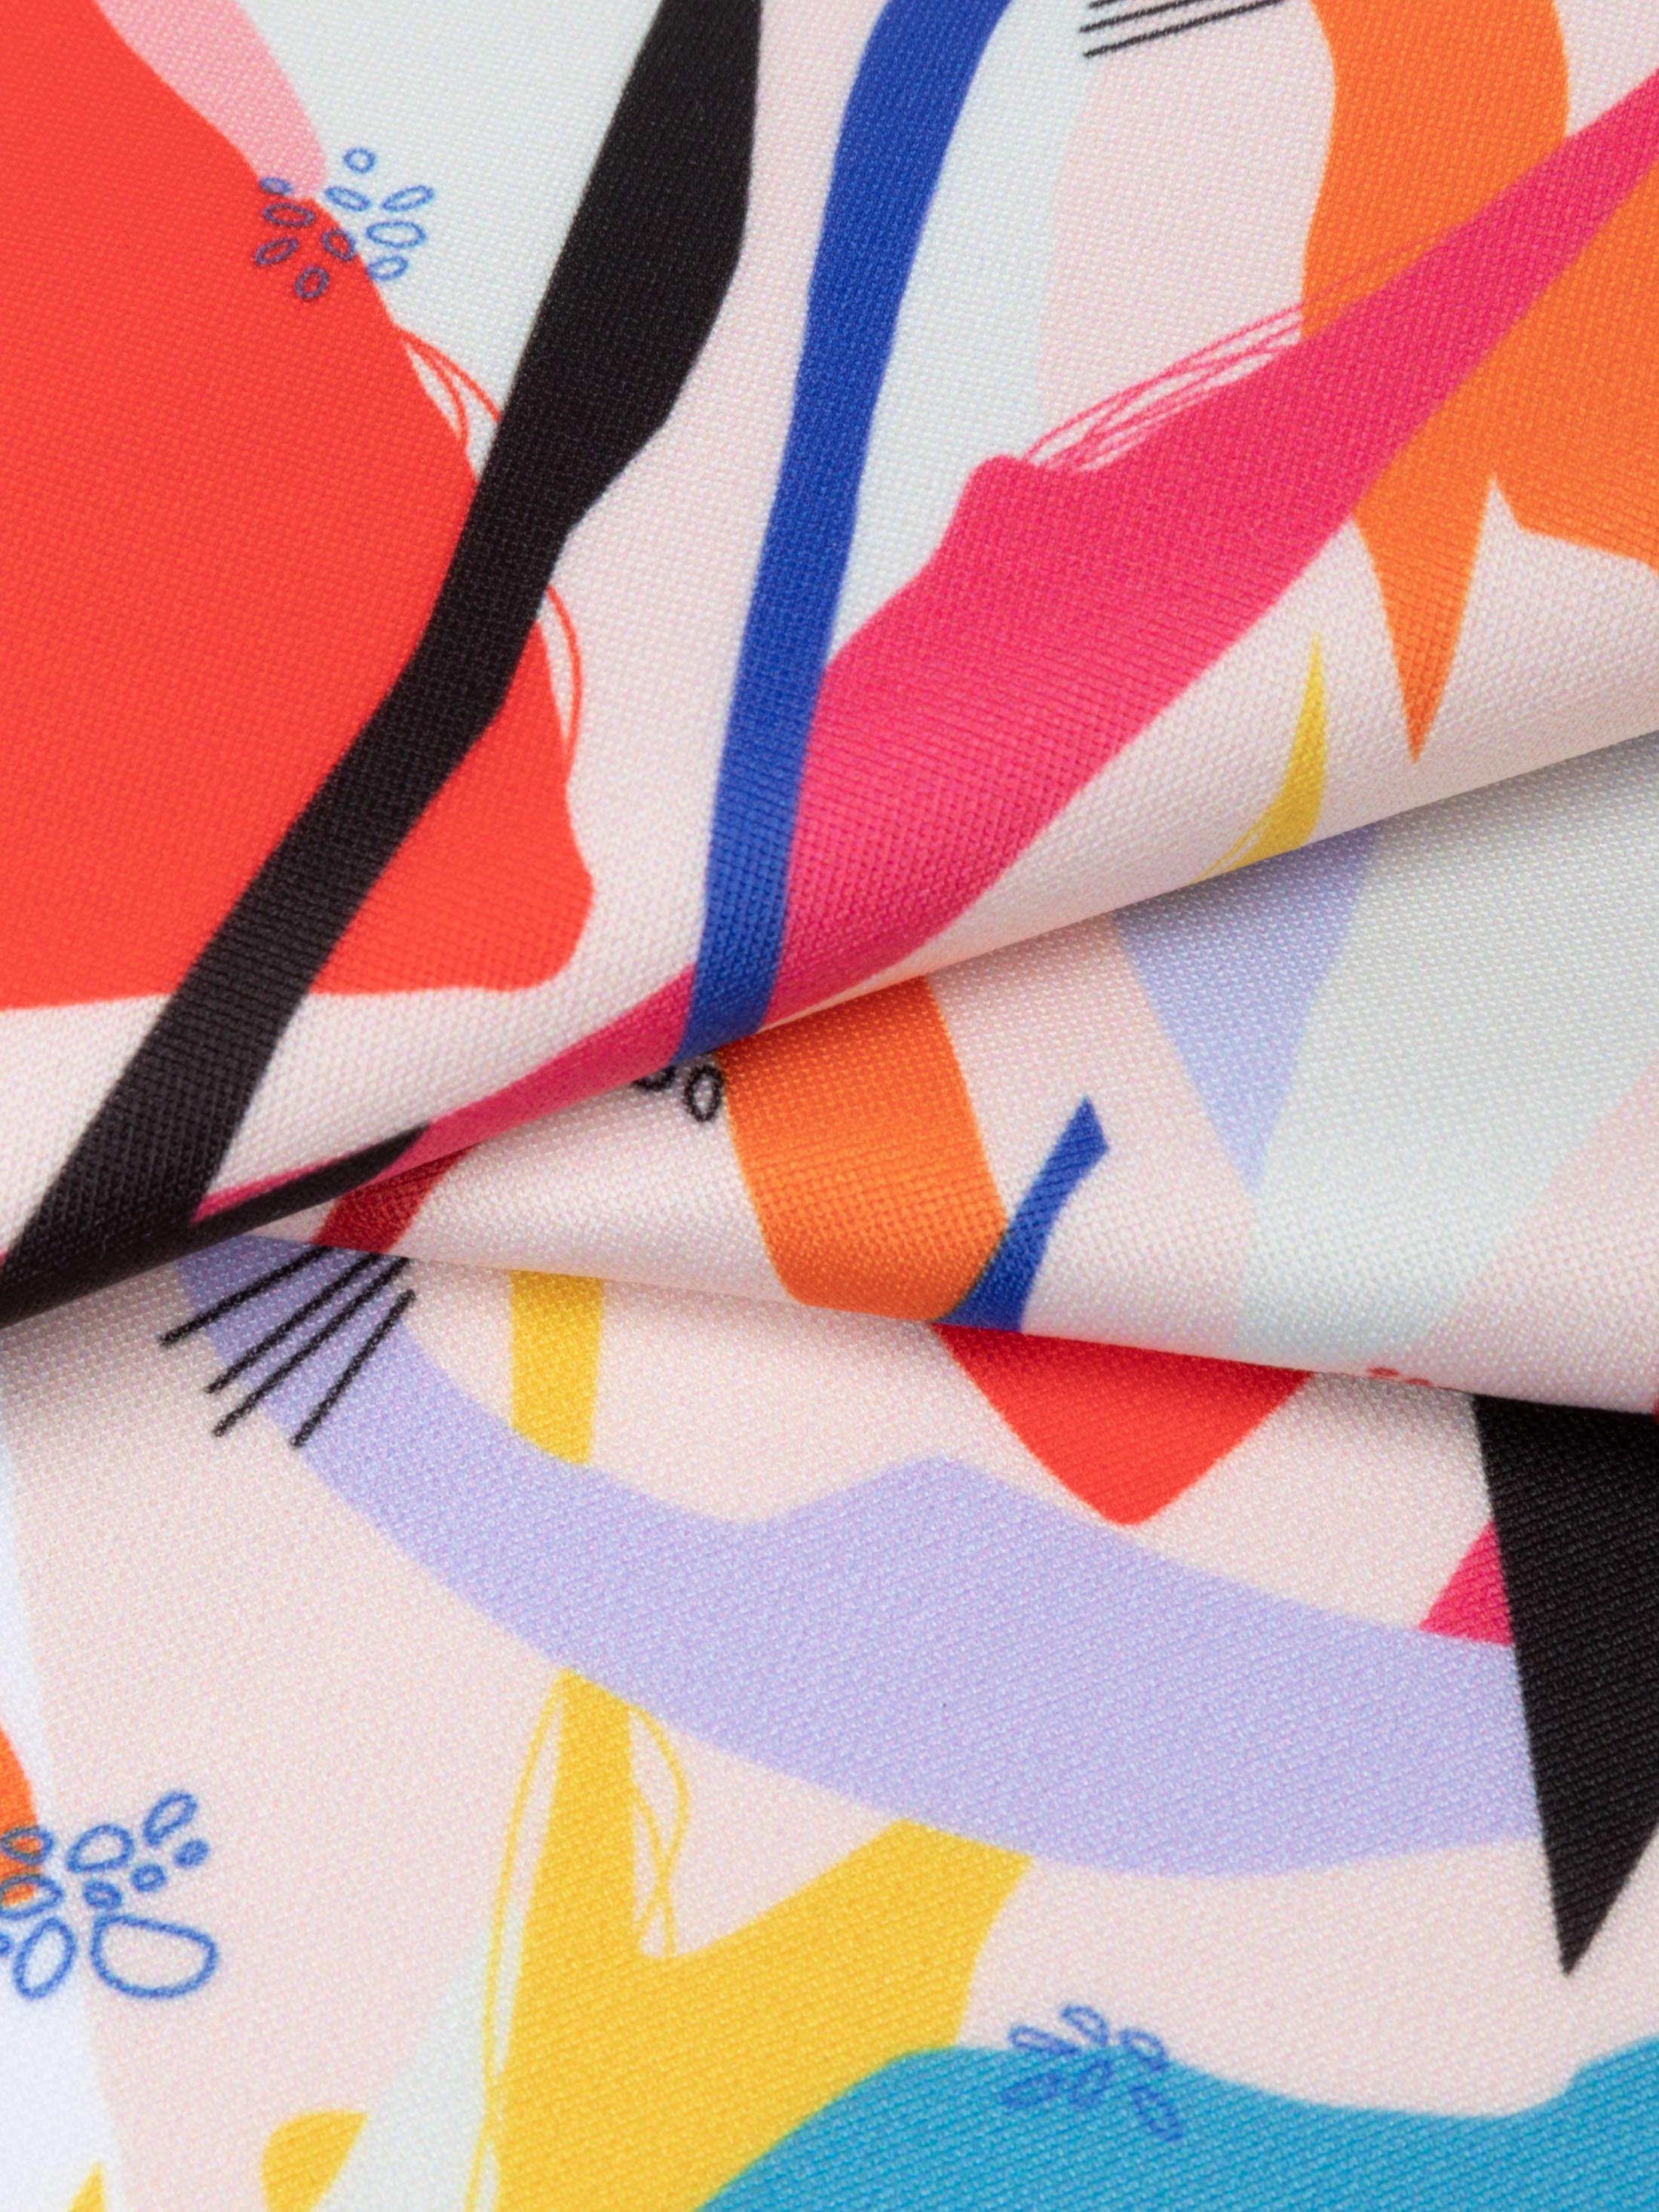 custom print Scuba fabric samples